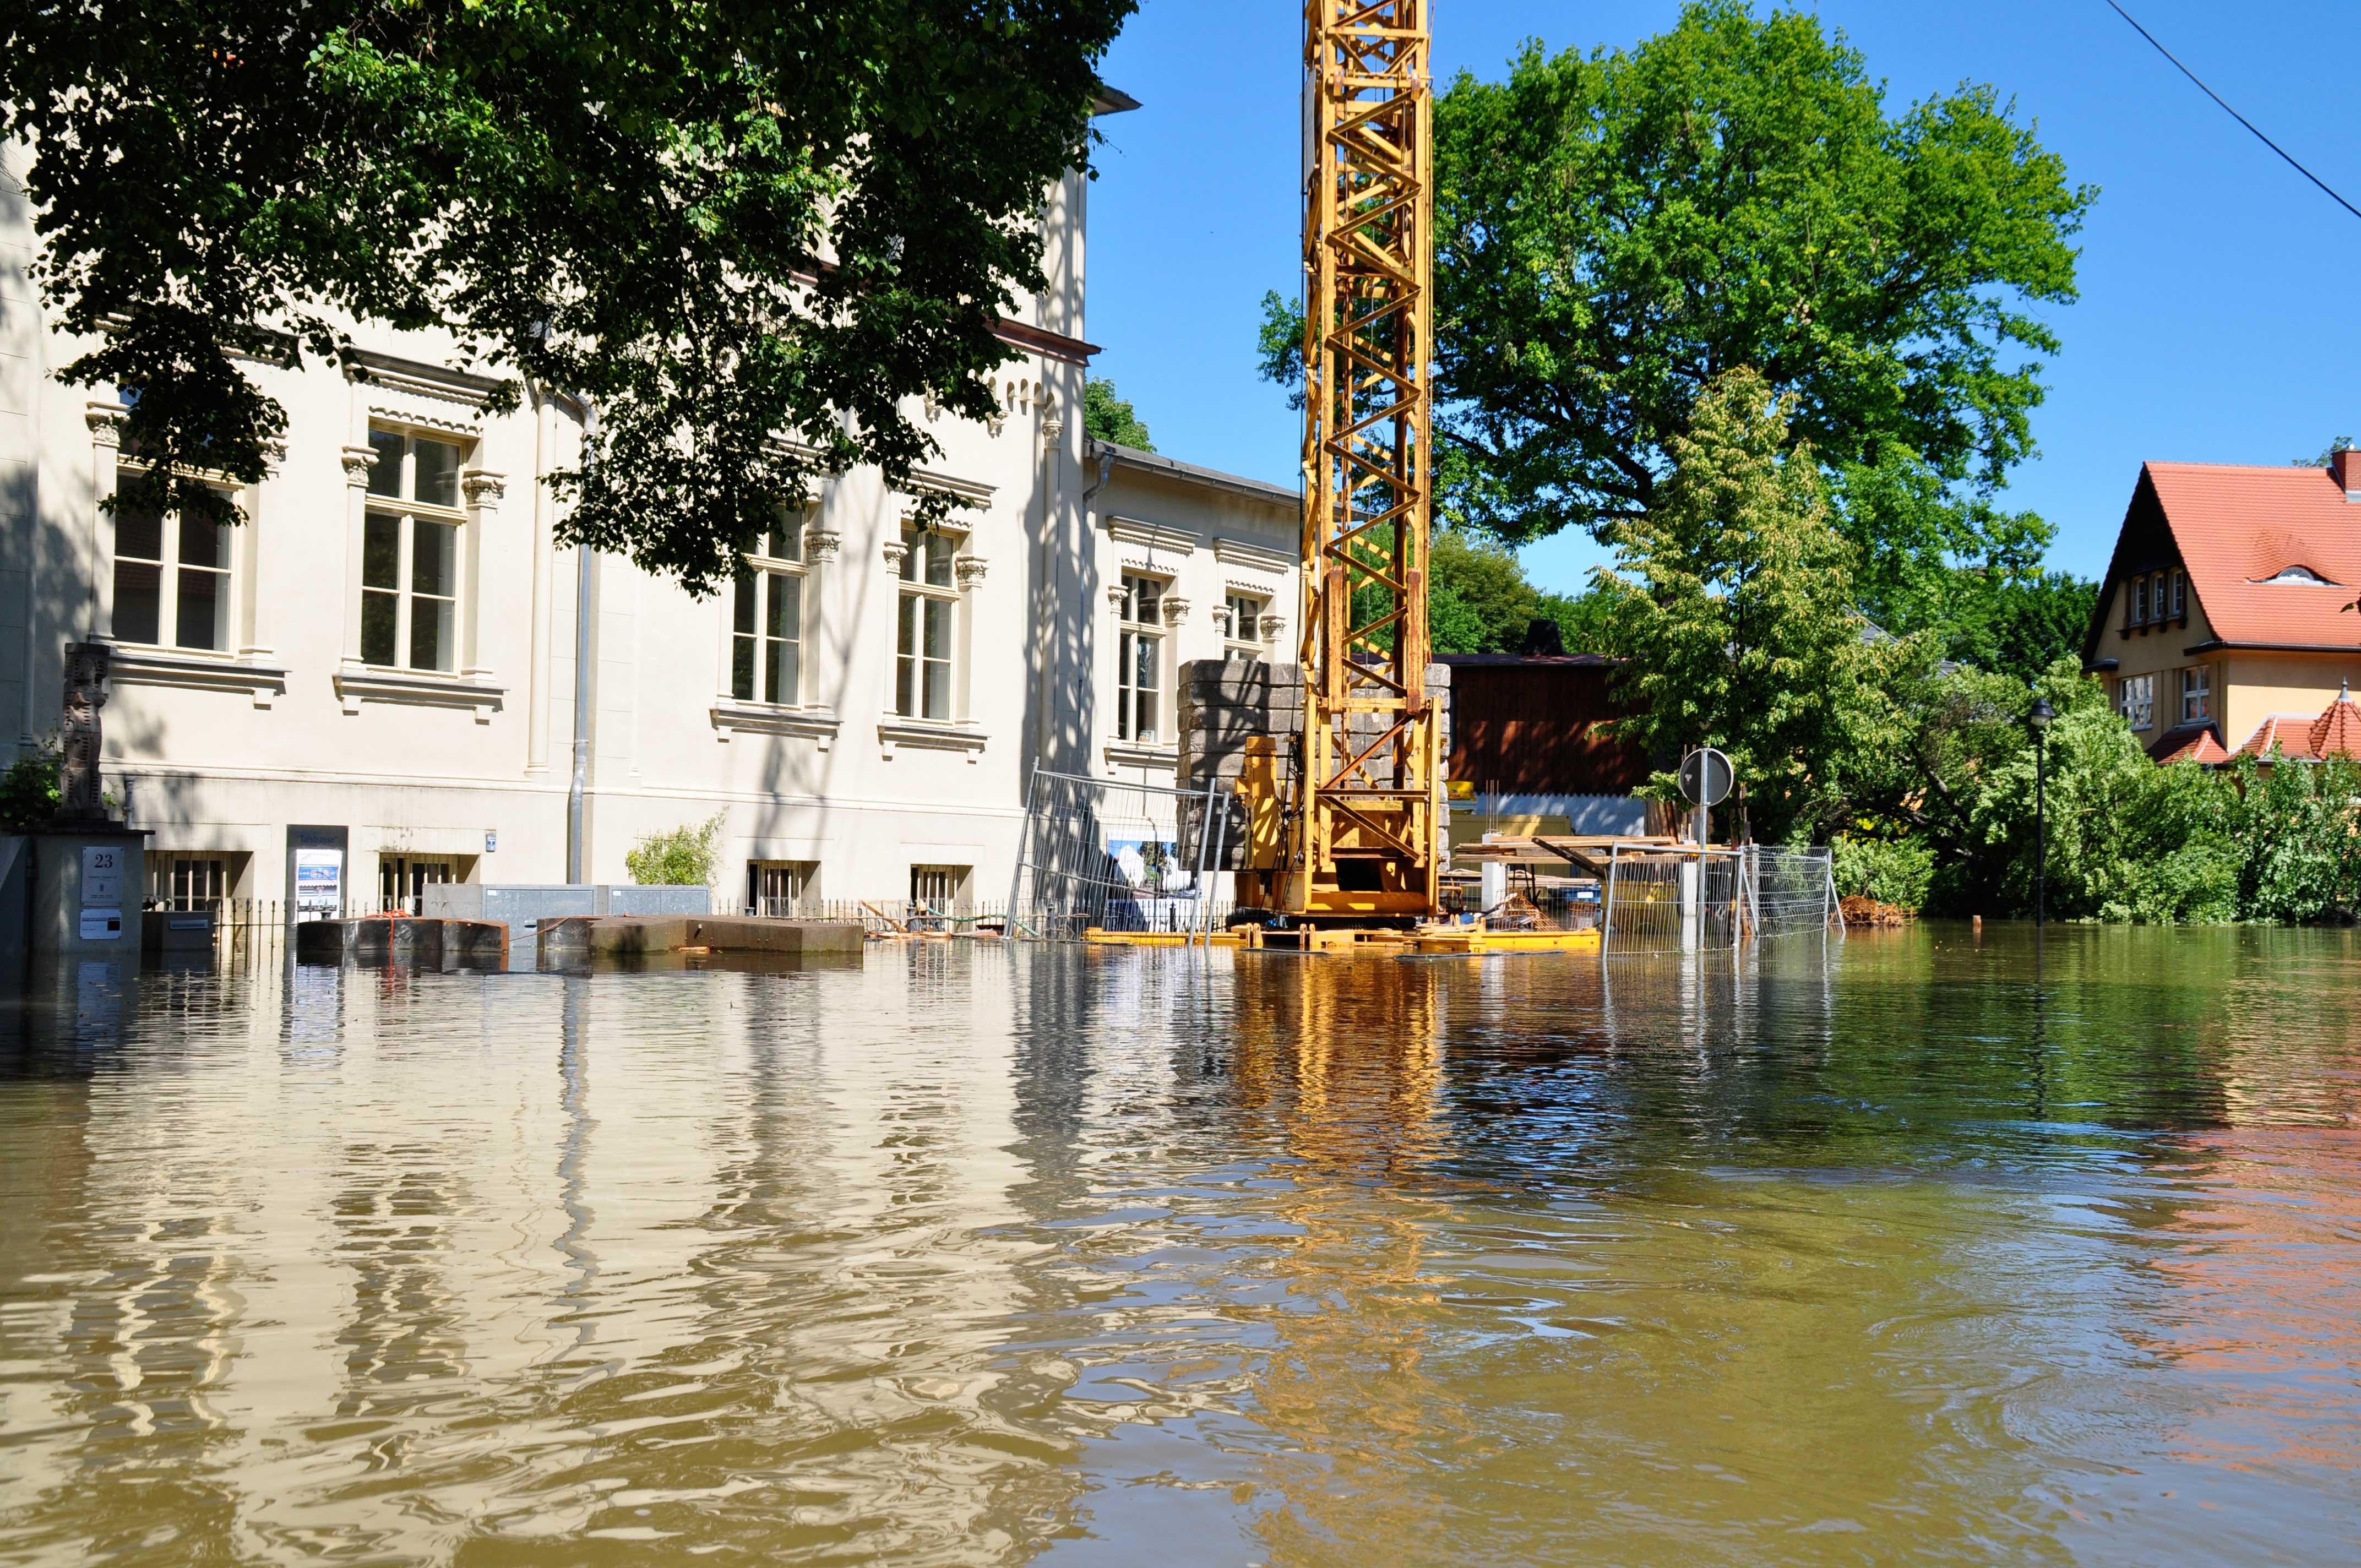 Saaleflut vom Juni 2013